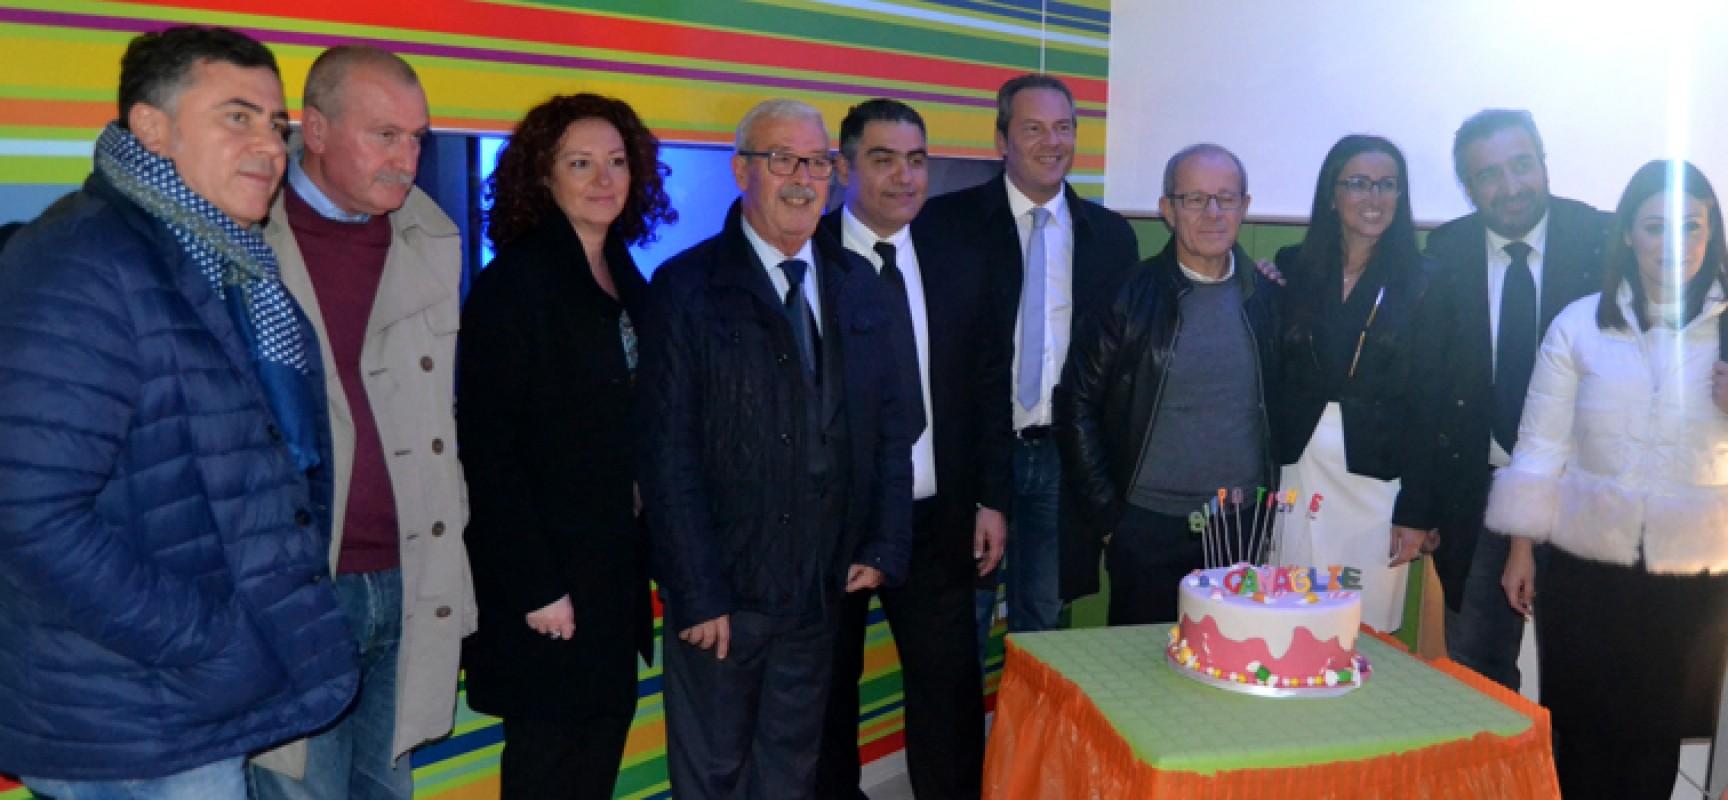 Grande festa e tripudio di colori per l'inaugurazione della ludoteca nella zona artigianale